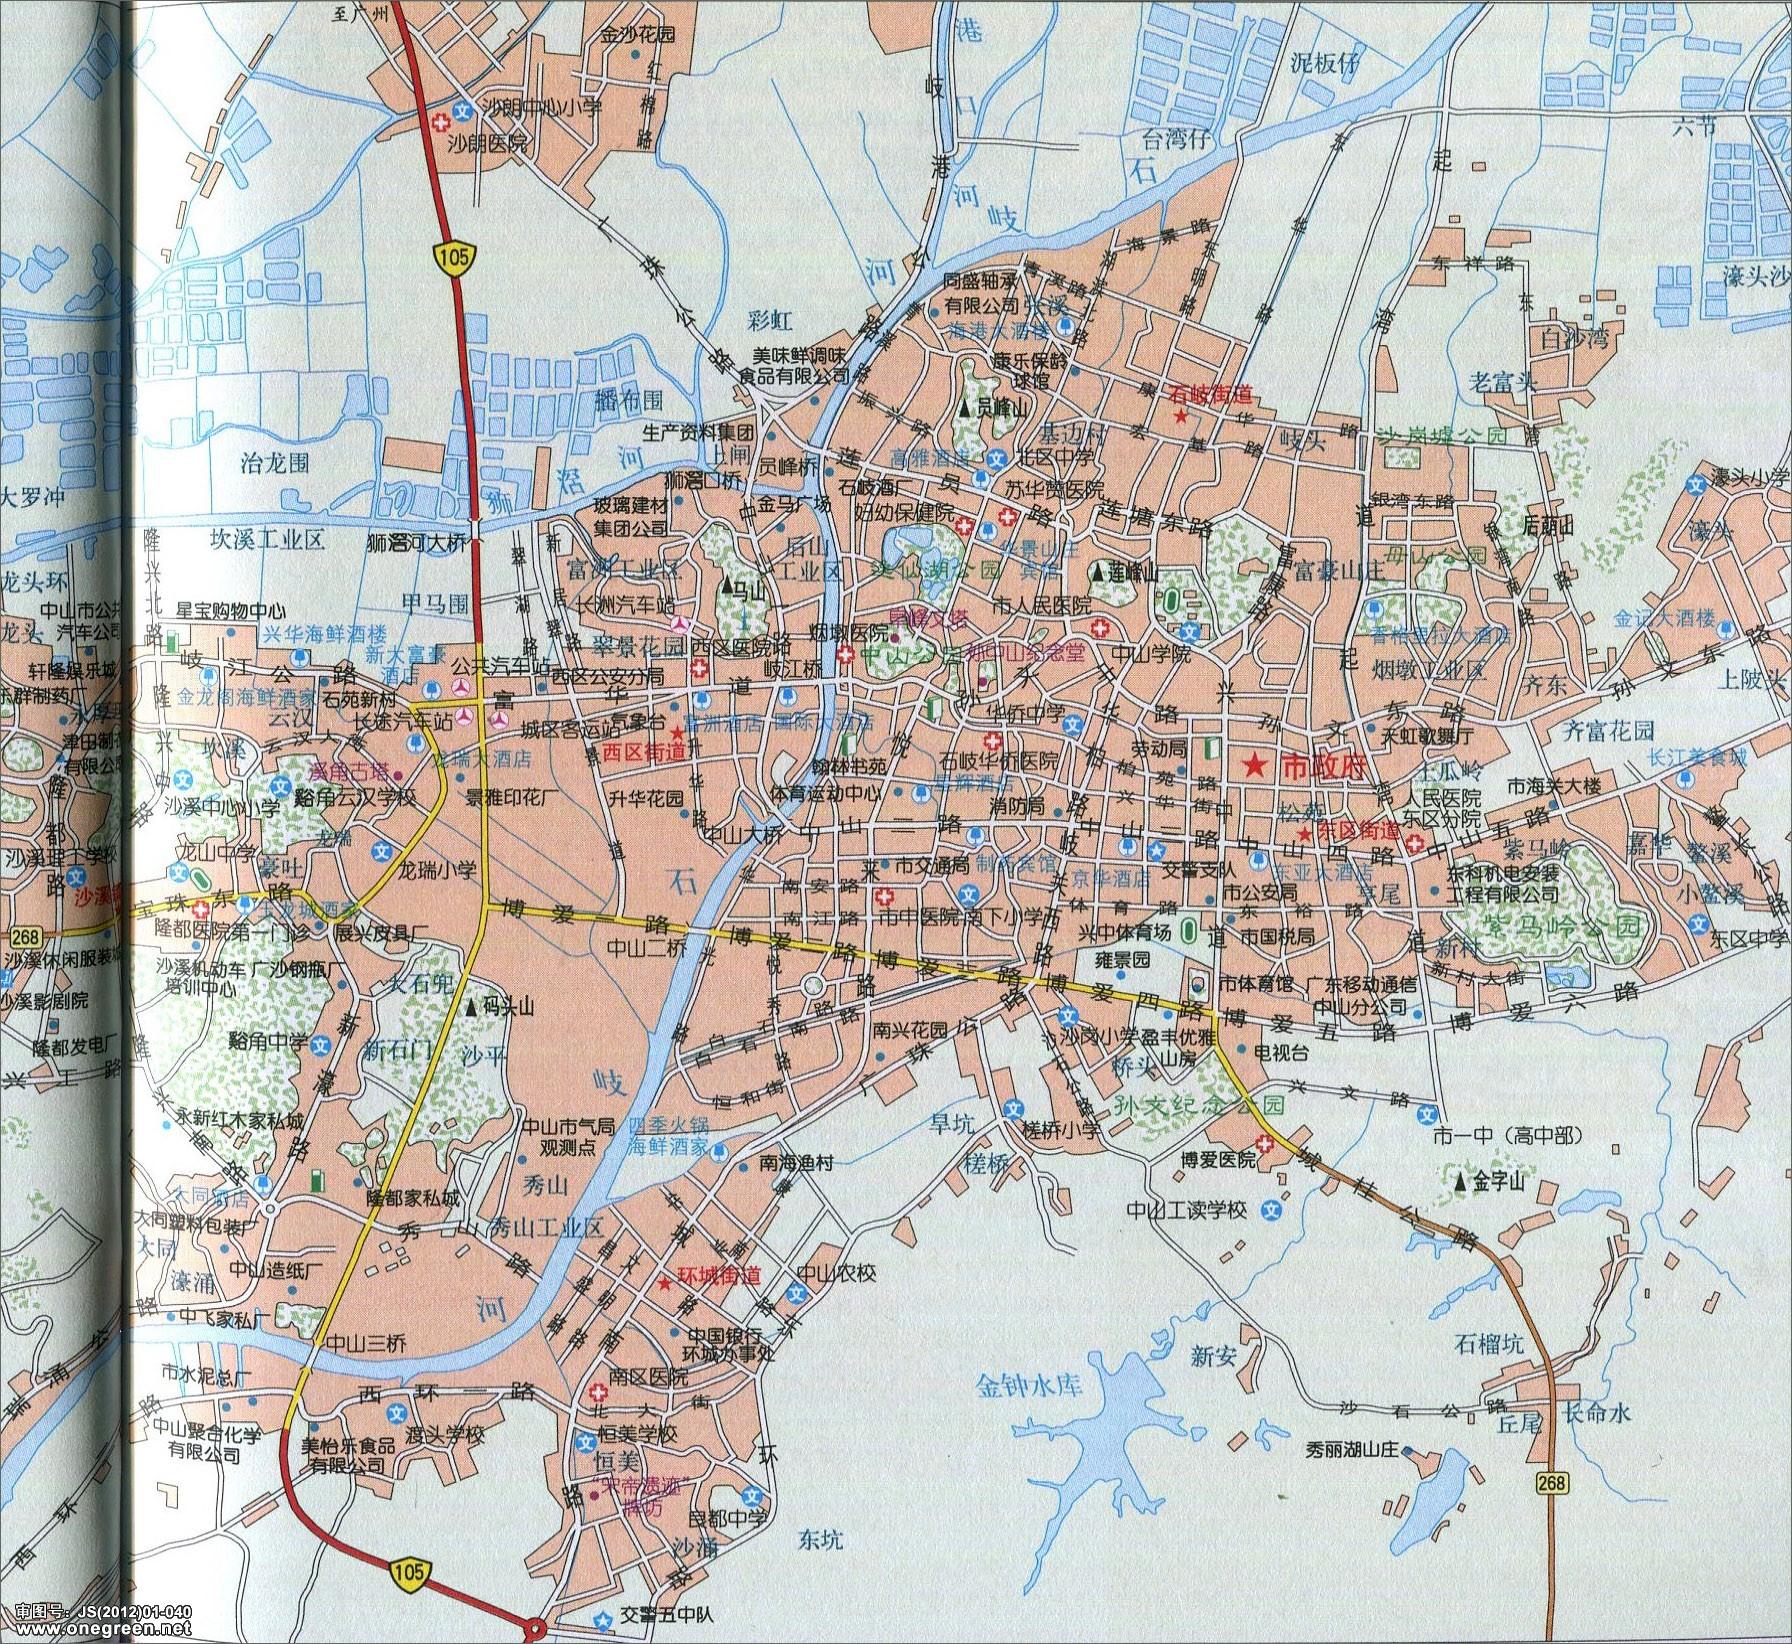 中山市城区地图